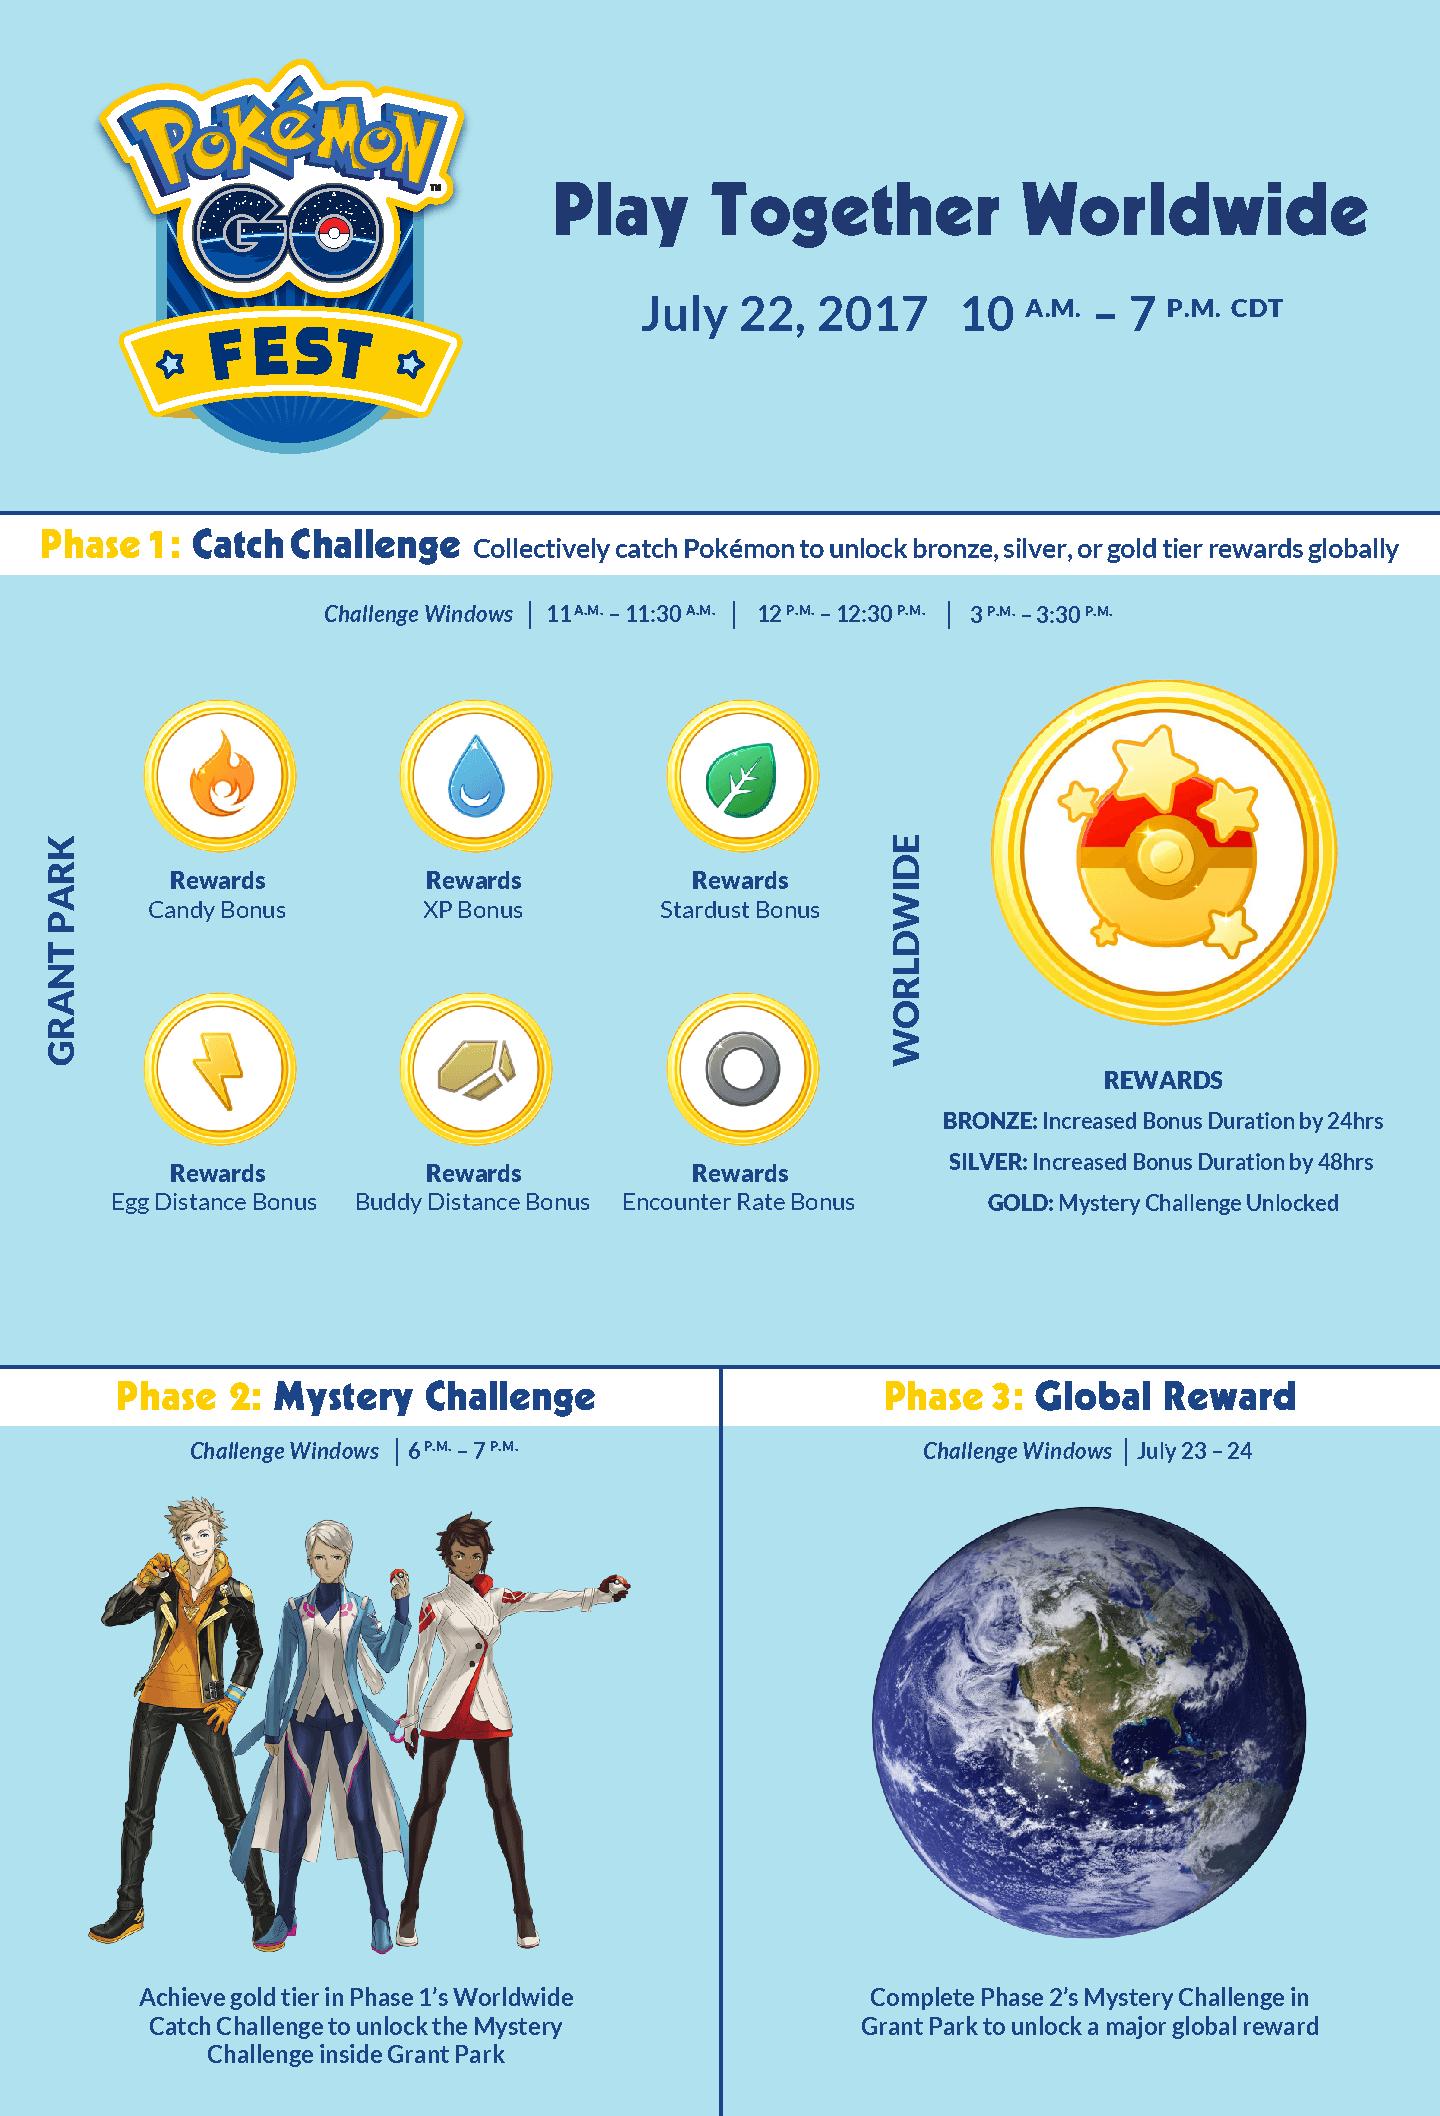 Pokémon GO события по всему миру на июль - август 2017